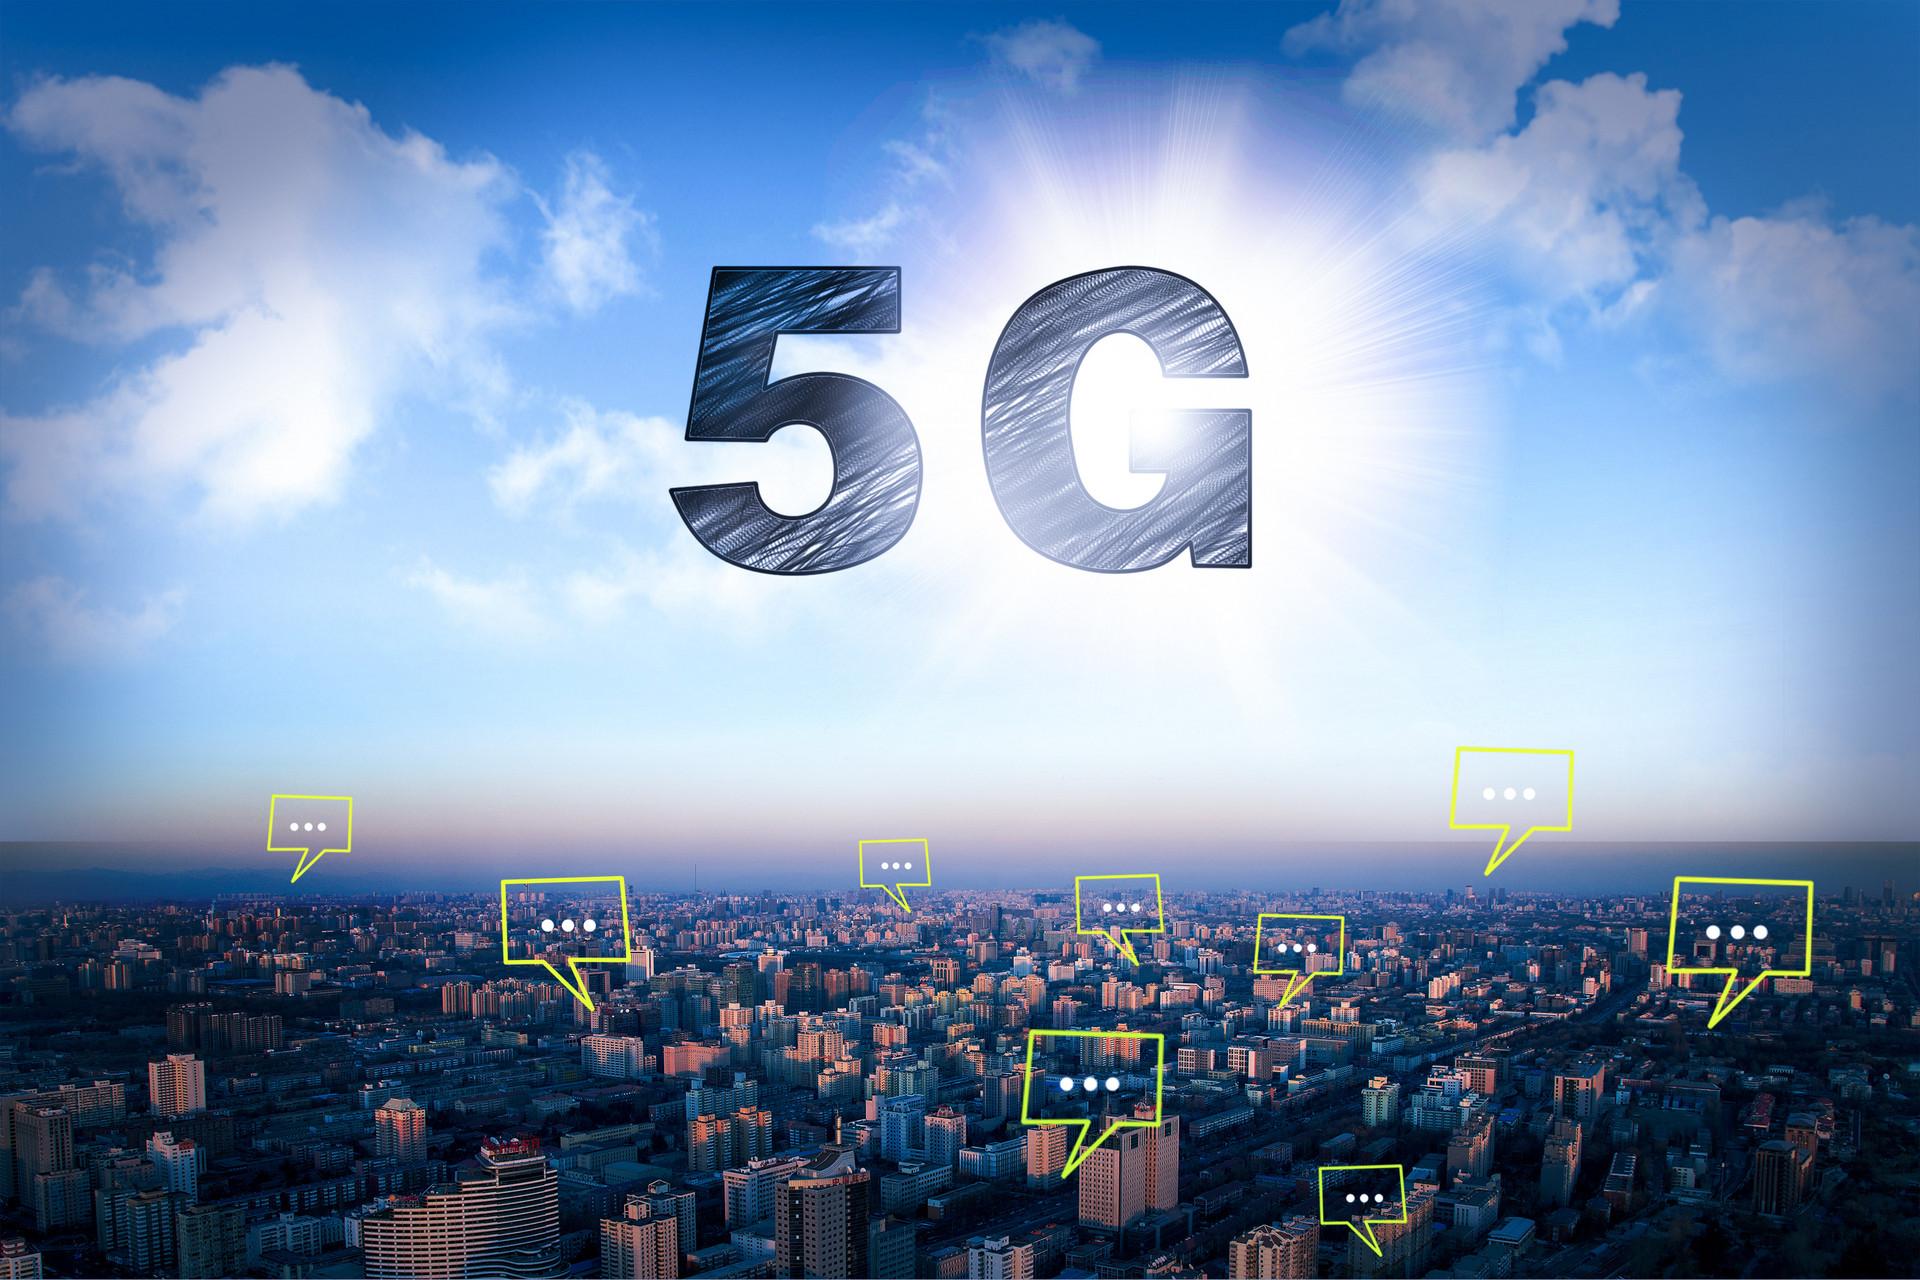 RCS:5G时代的革命性入口,爆发在即